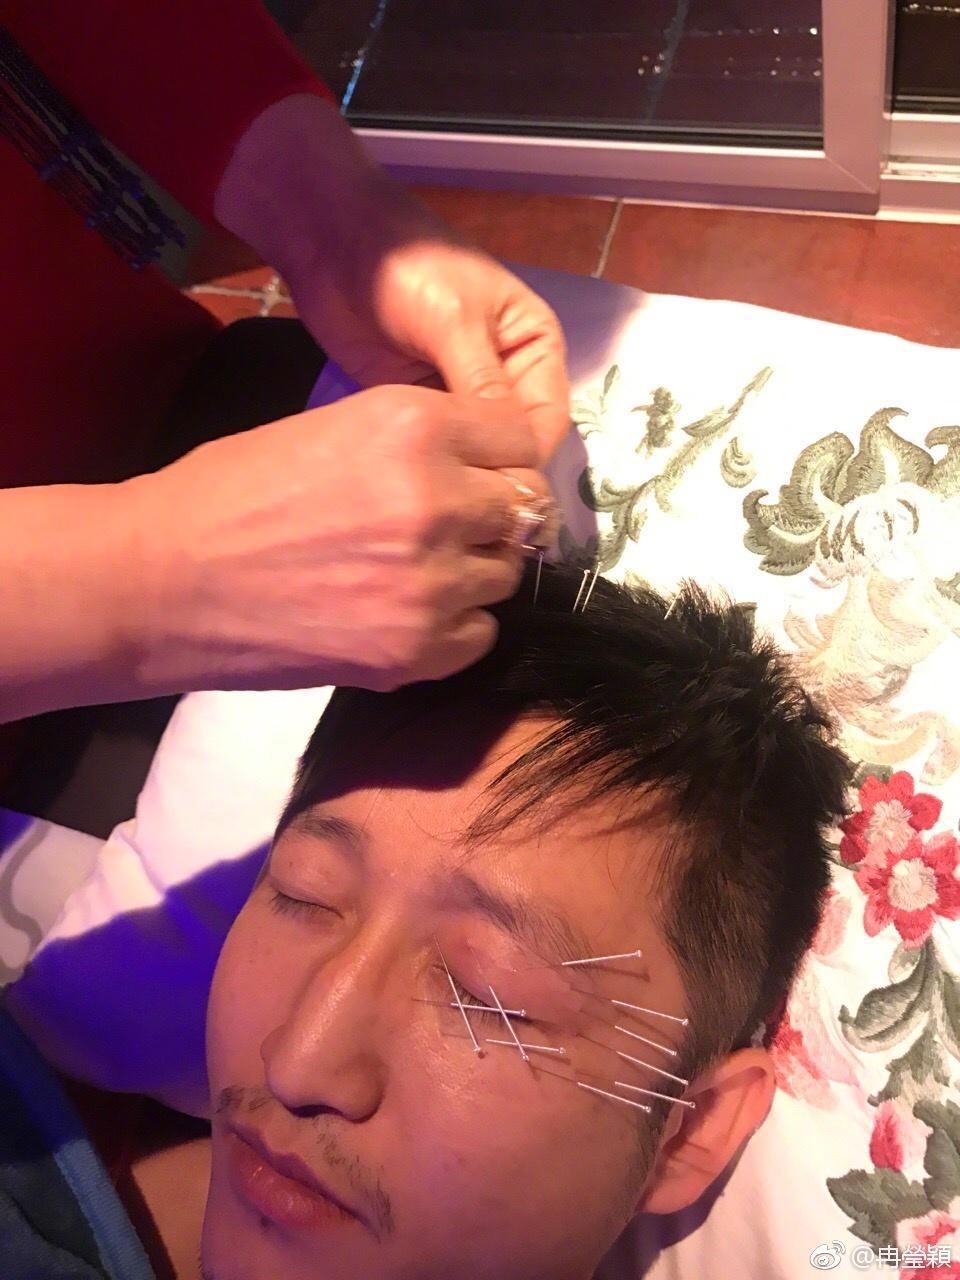 针灸扎坏脸用什么仪器能检查出来,针灸伤到神经的后遗症